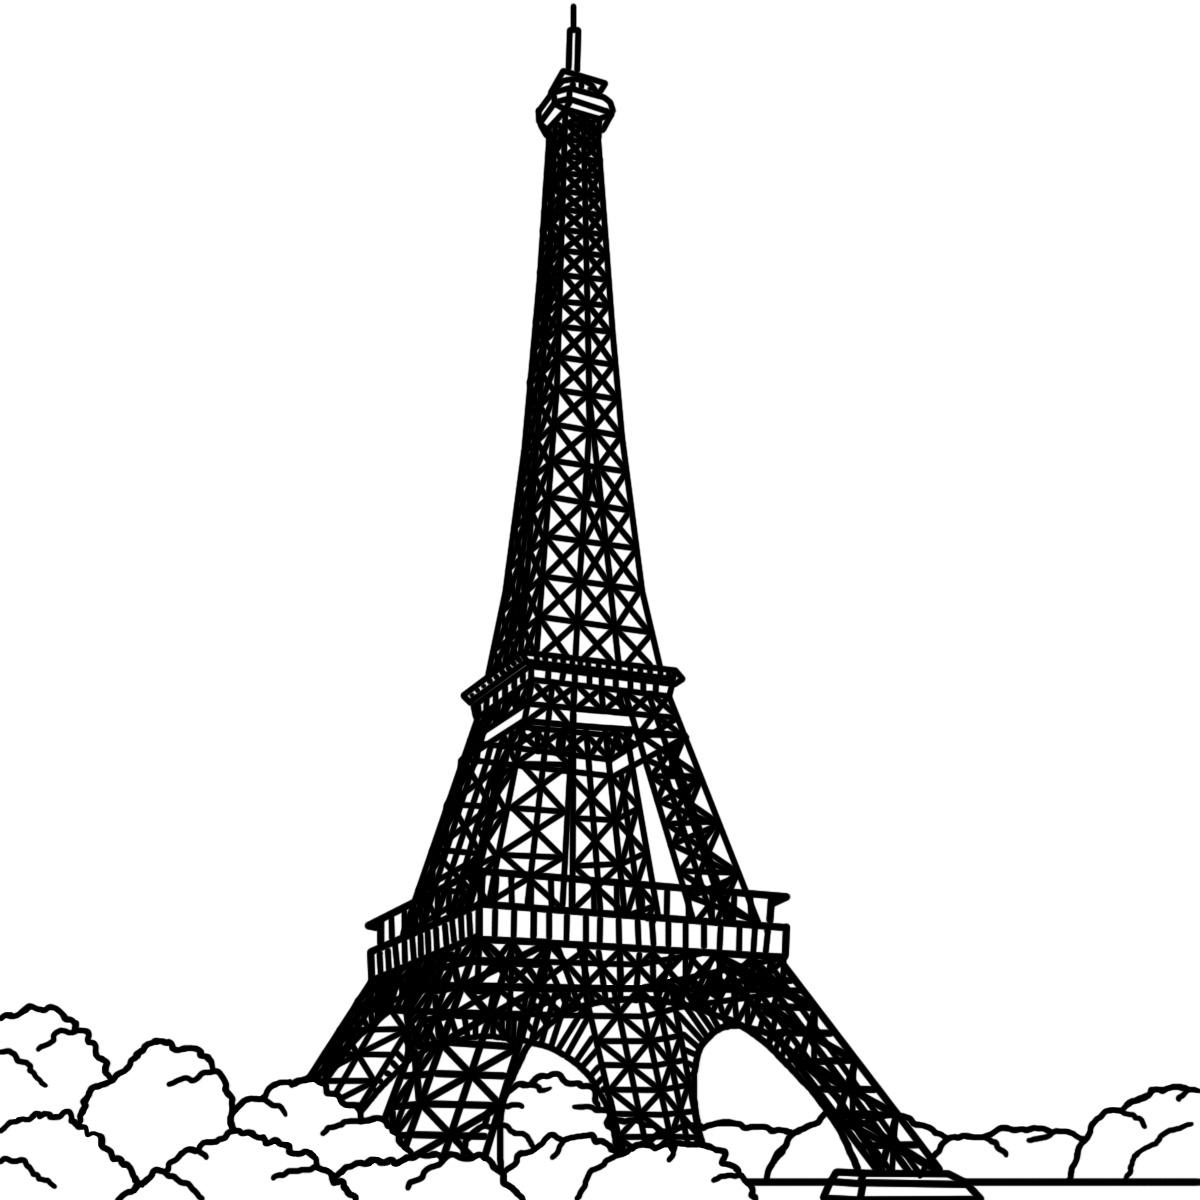 Clip Art Eiffel Tower B - ClipArt Best - ClipArt Best